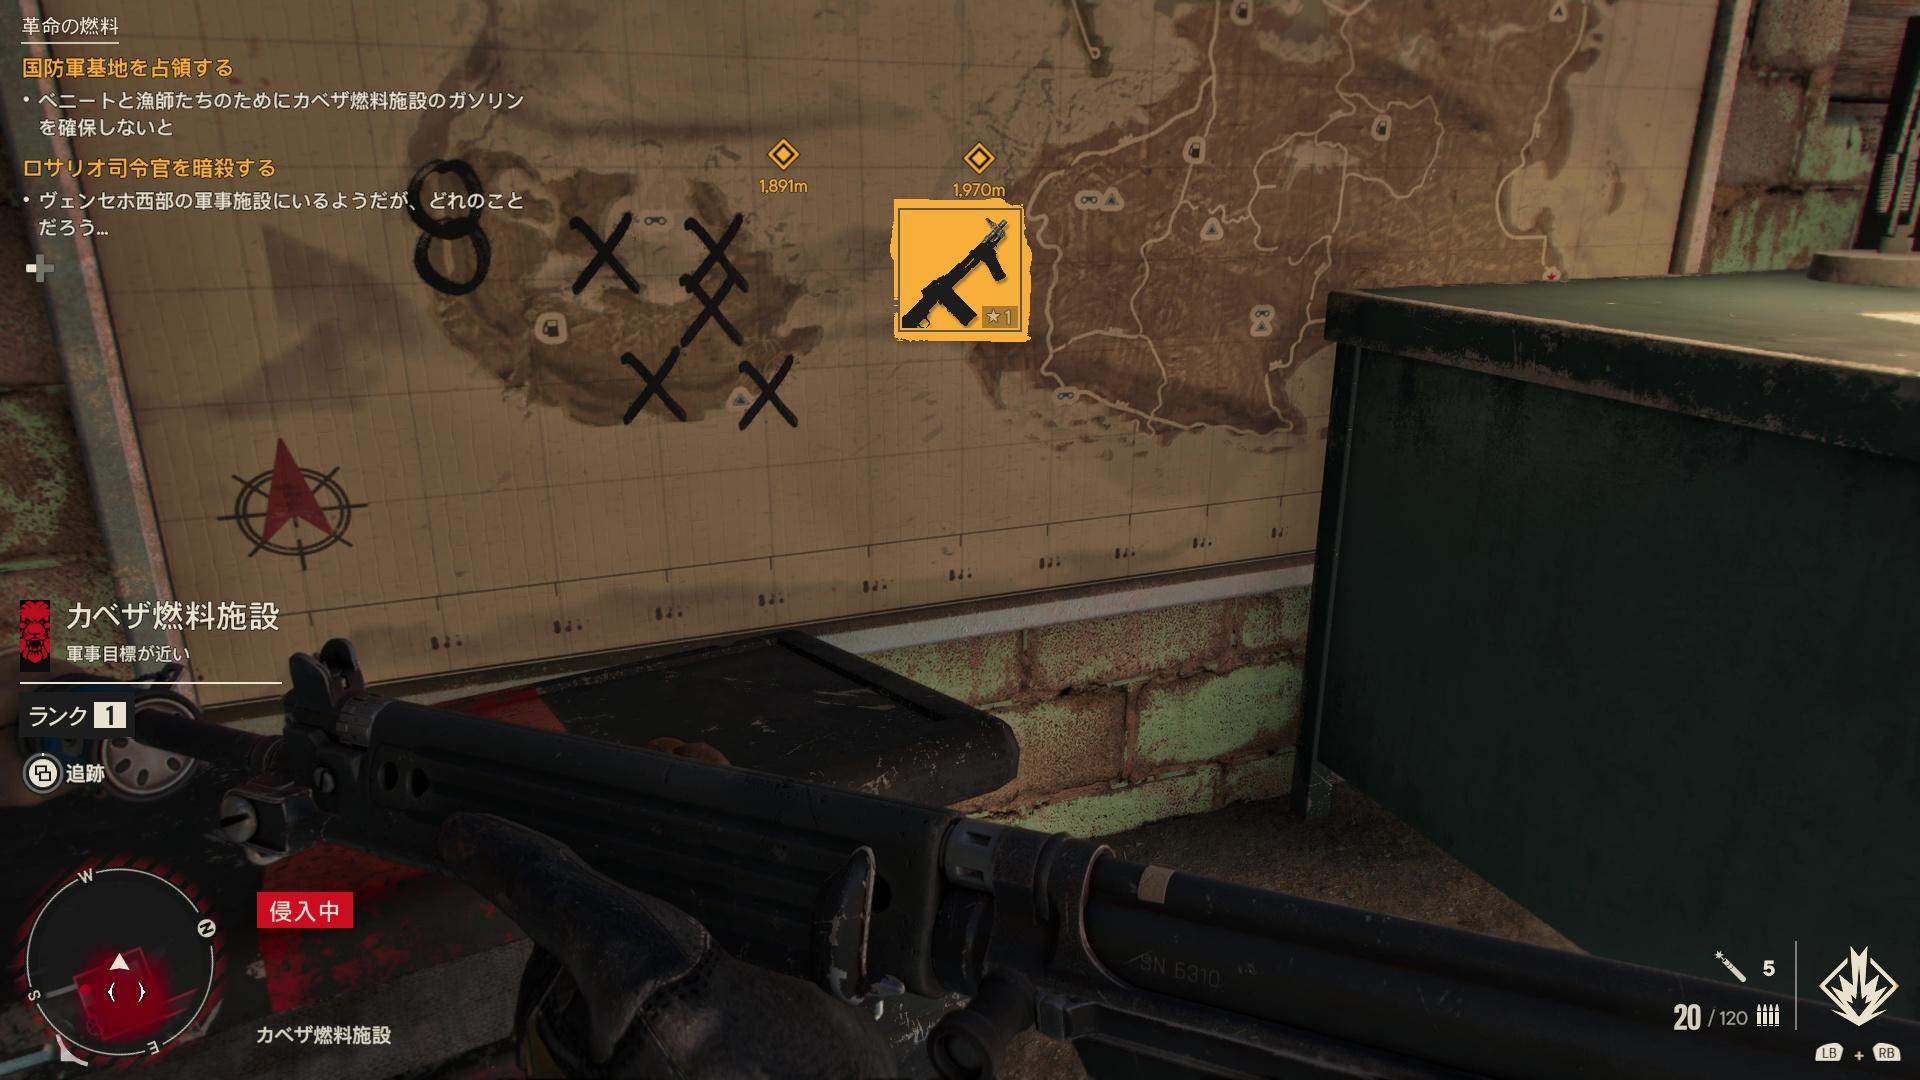 重要度の高い敵を倒して入手するカギがあれば、倉庫などに隠された新しい武器が入手できることも